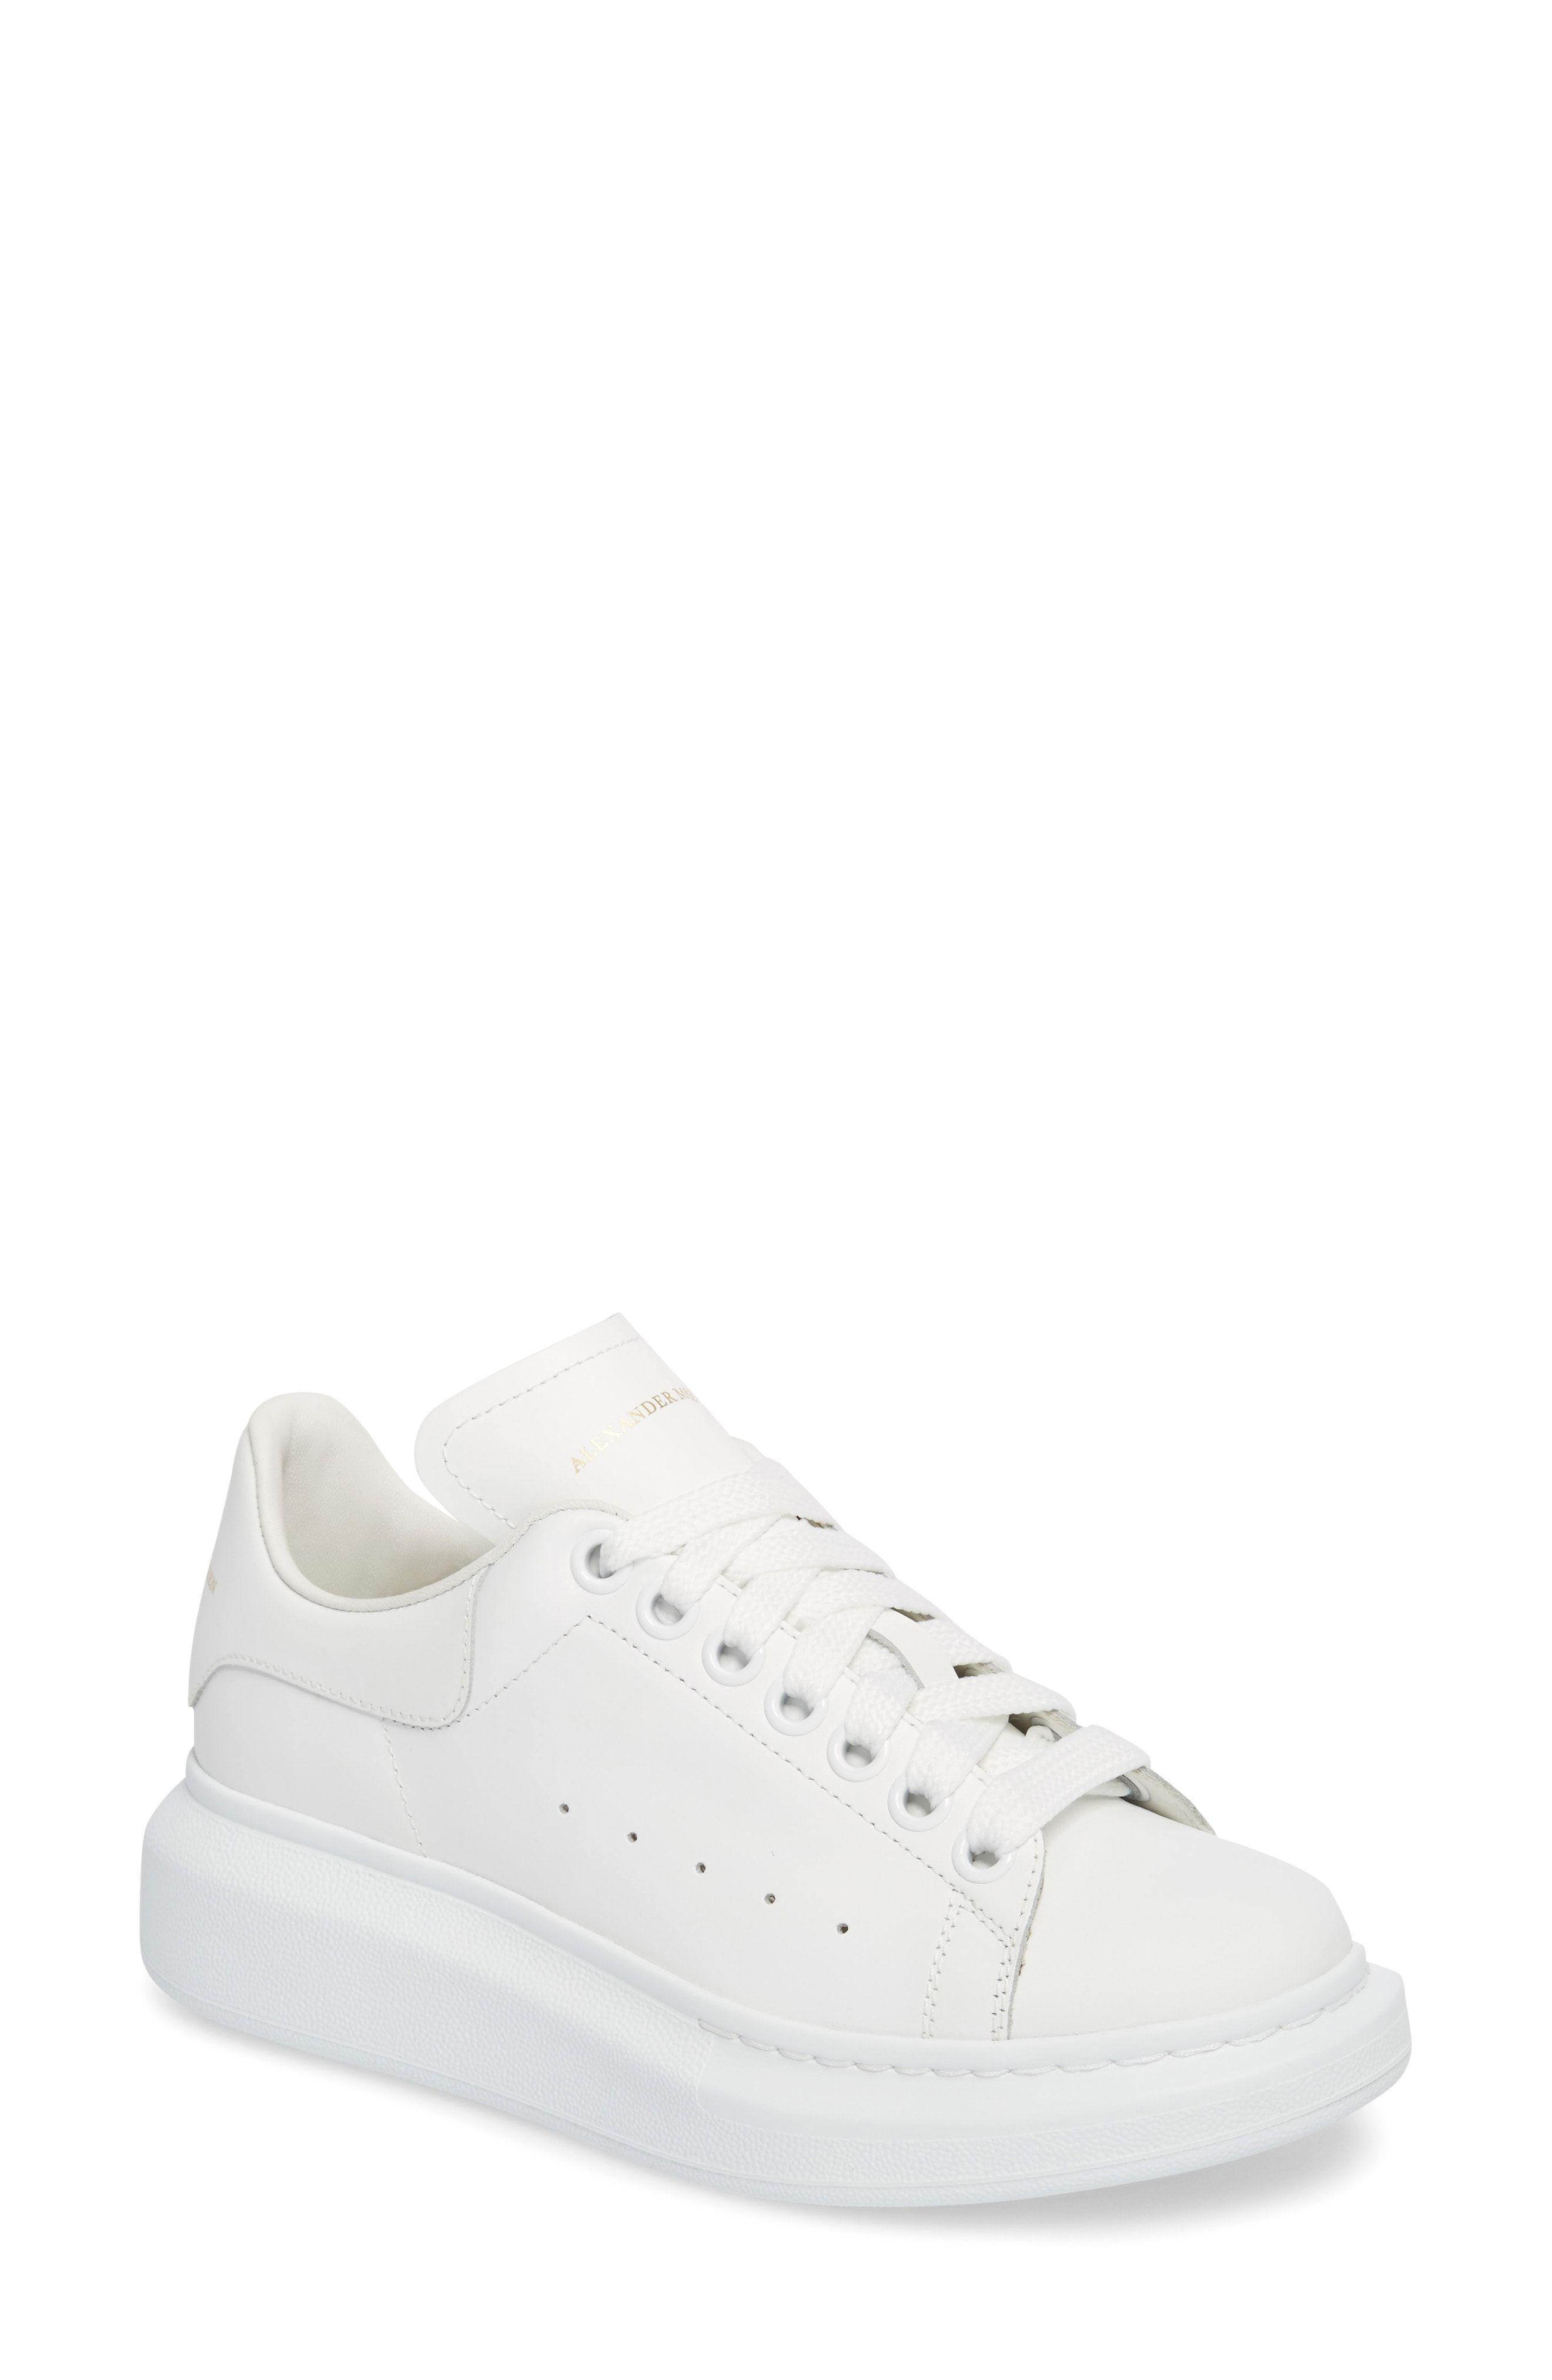 Alexander McQueen Sneaker (Women